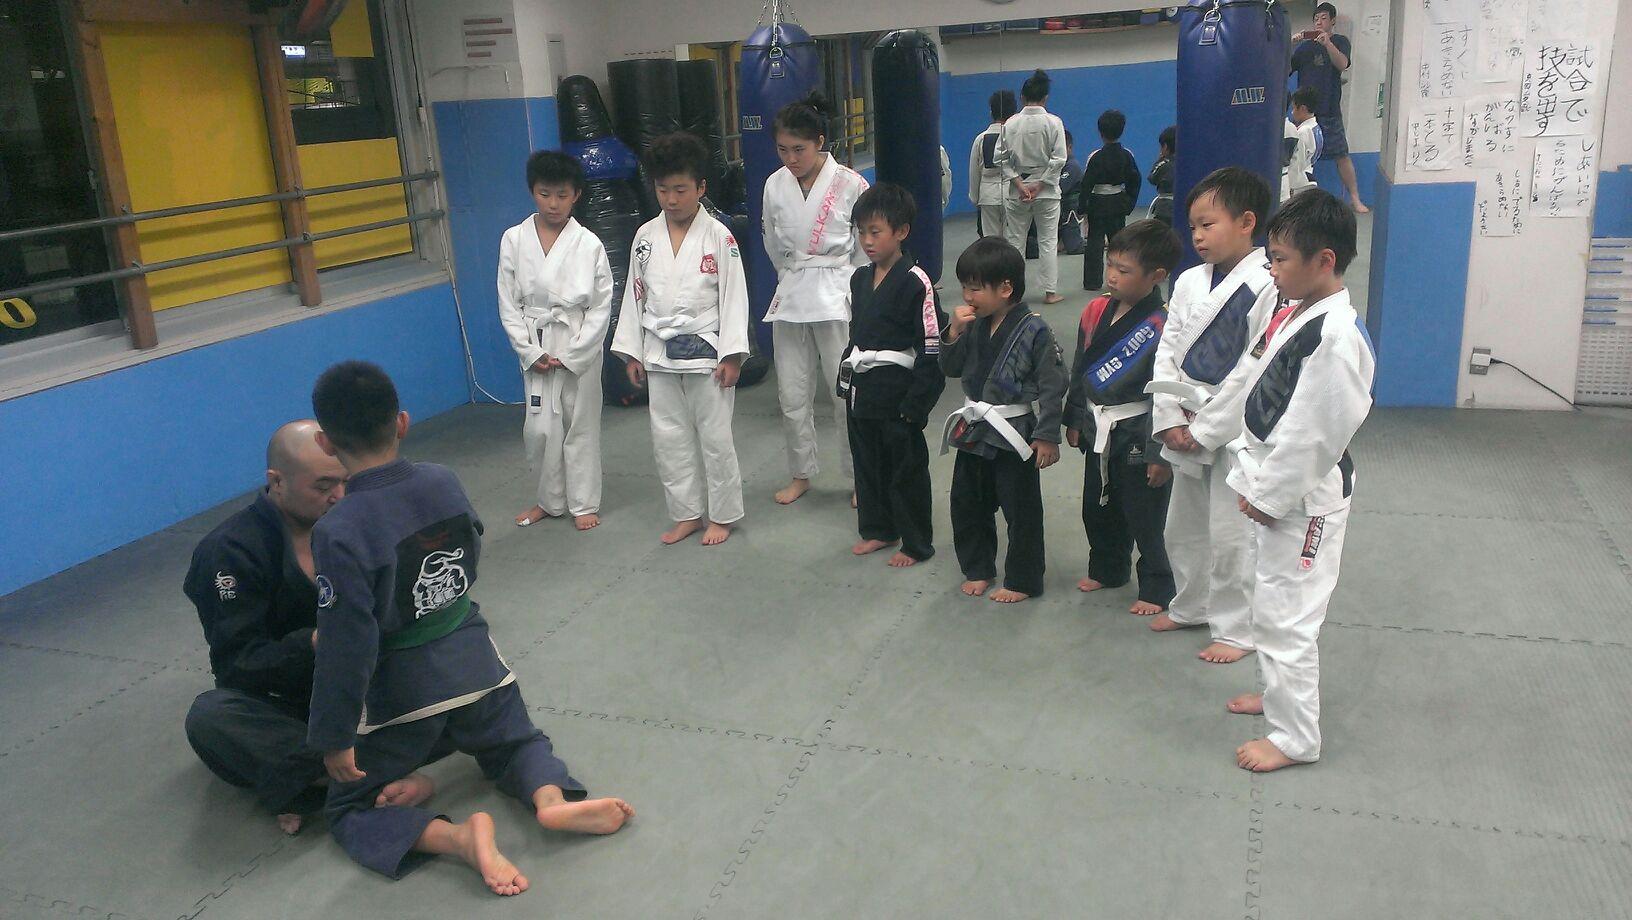 土チビ柔術と七帝柔道